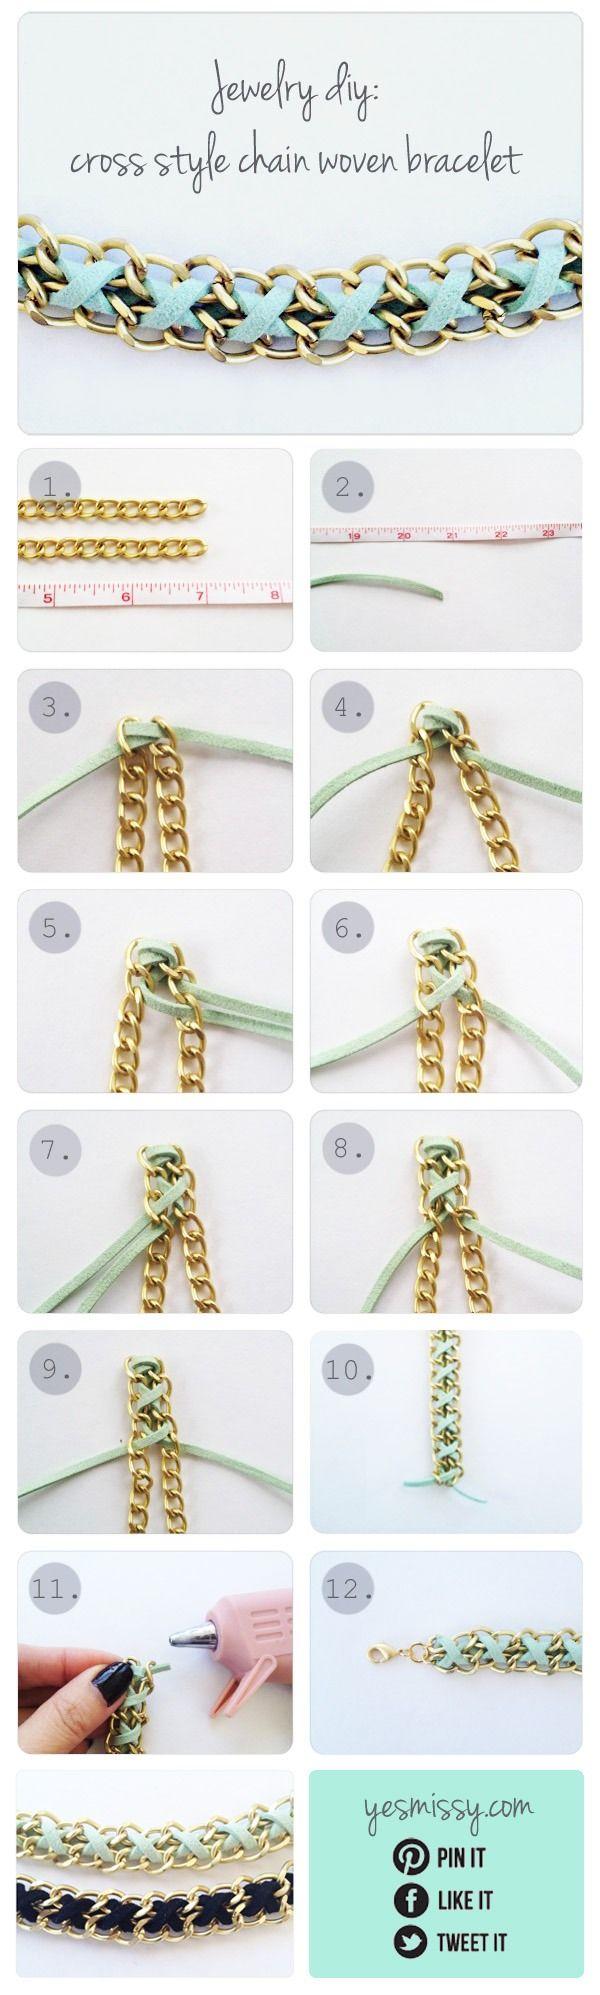 Cool Shoe Lace Bracelets   Trusper                                                                                                                                                                                 Más                                                                                                                                                                                 Más